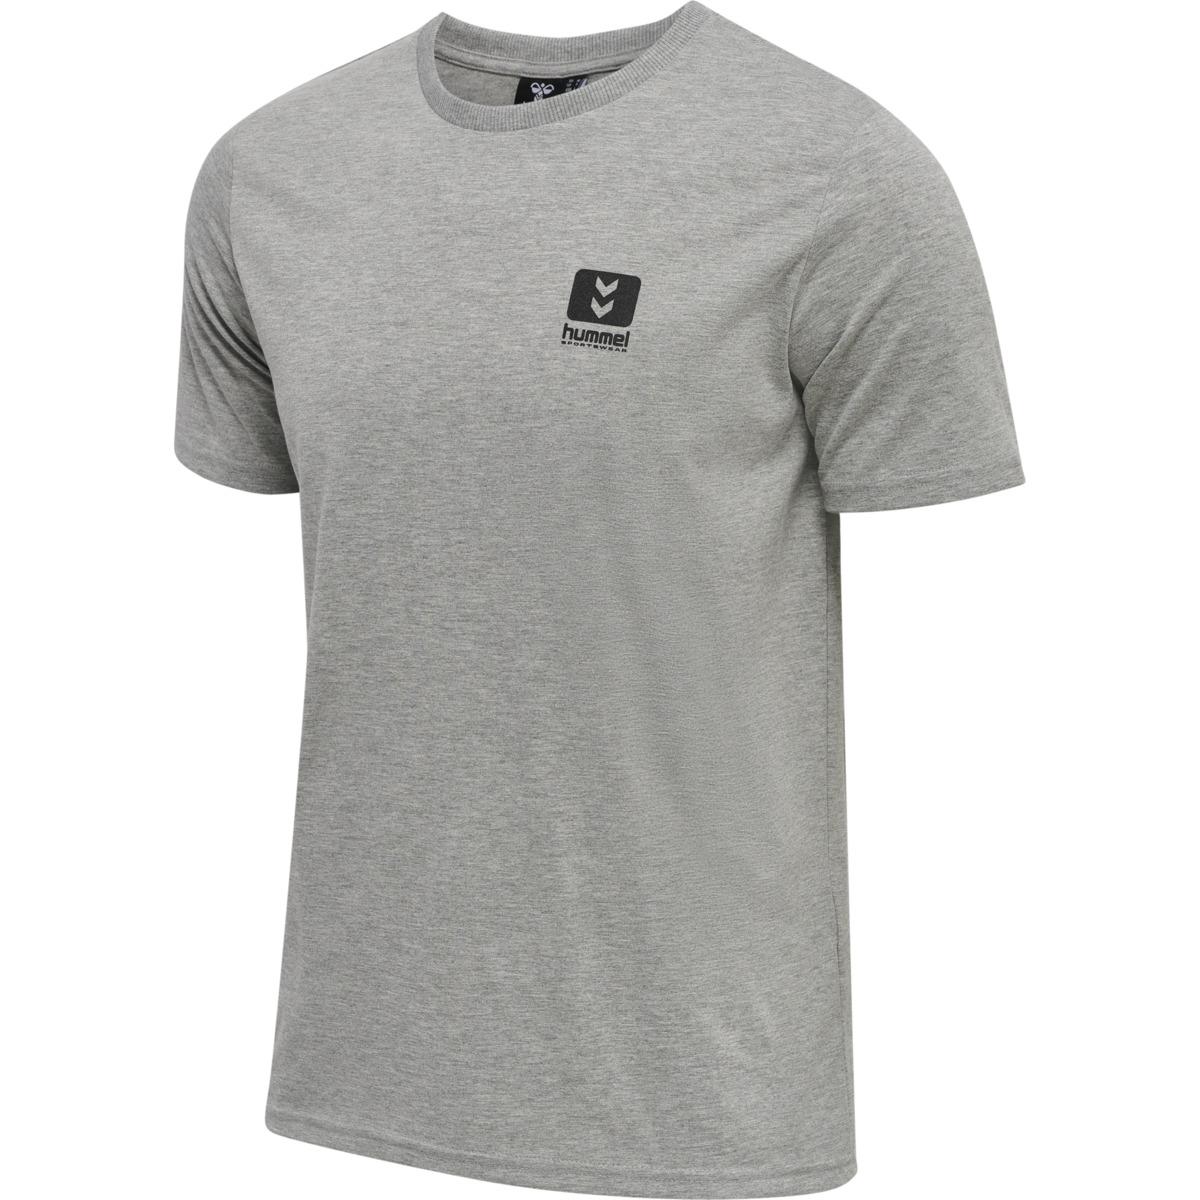 Hummel hmlLGC t-shirt, grey melange, x-large